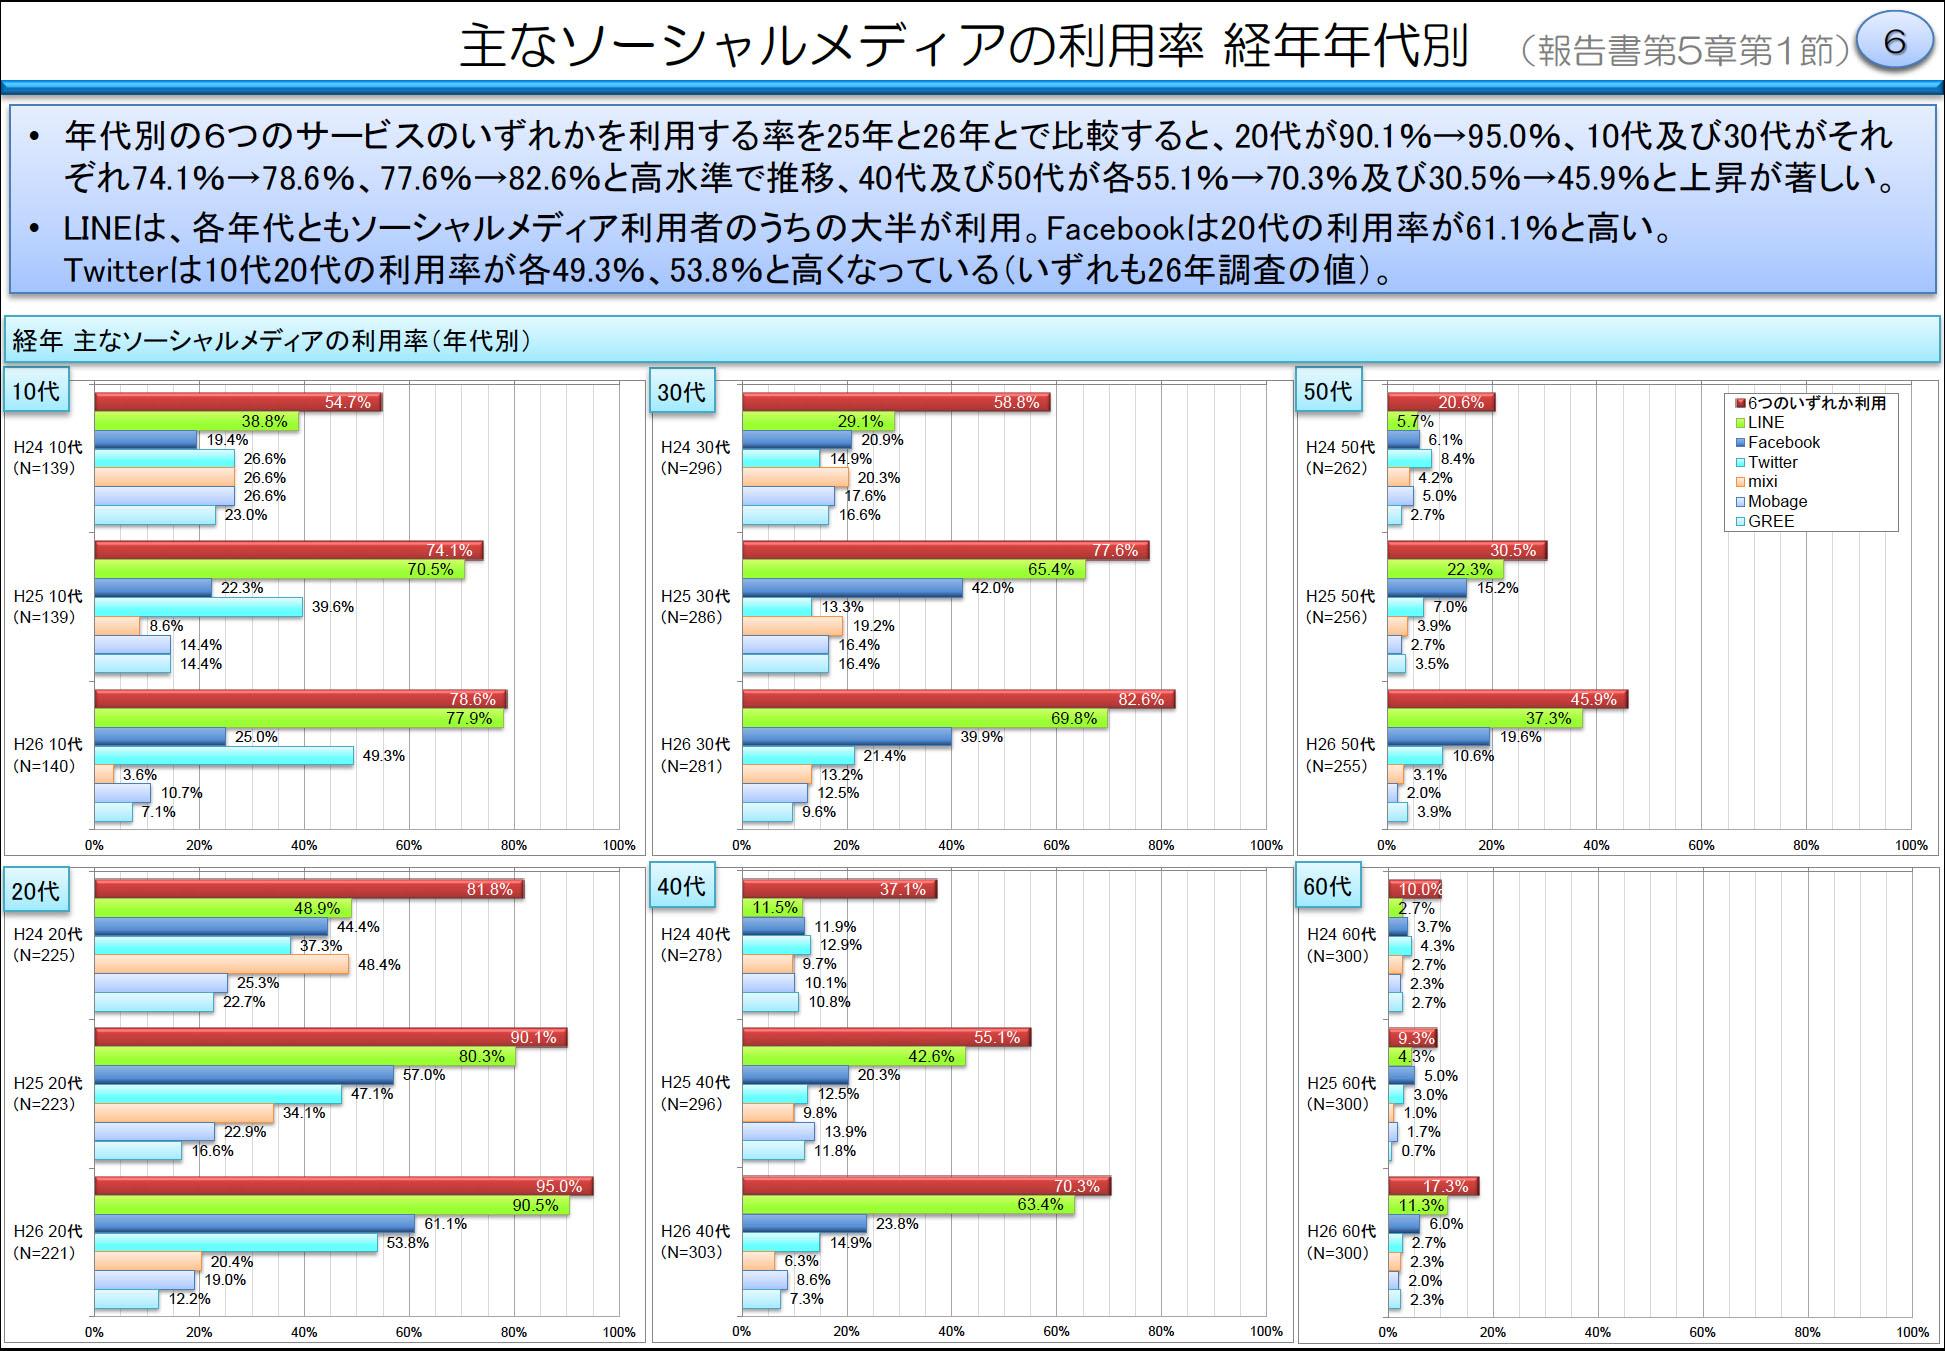 http://cybozushiki.cybozu.co.jp/images/kdr049_fig01_LINE.jpg